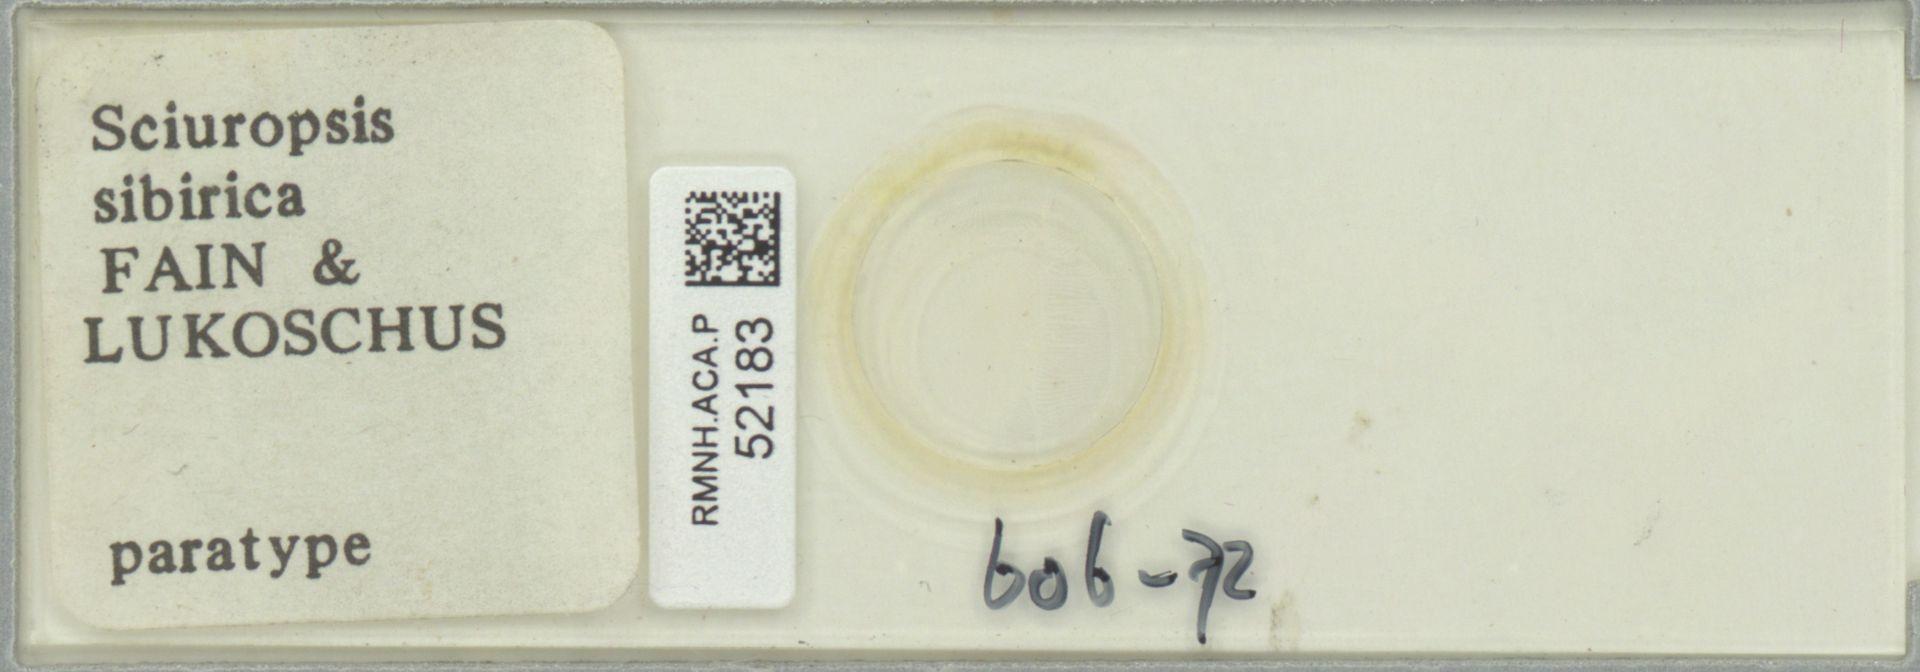 RMNH.ACA.P.52183   Sciuropsis sibirica Fain & Lukoschus